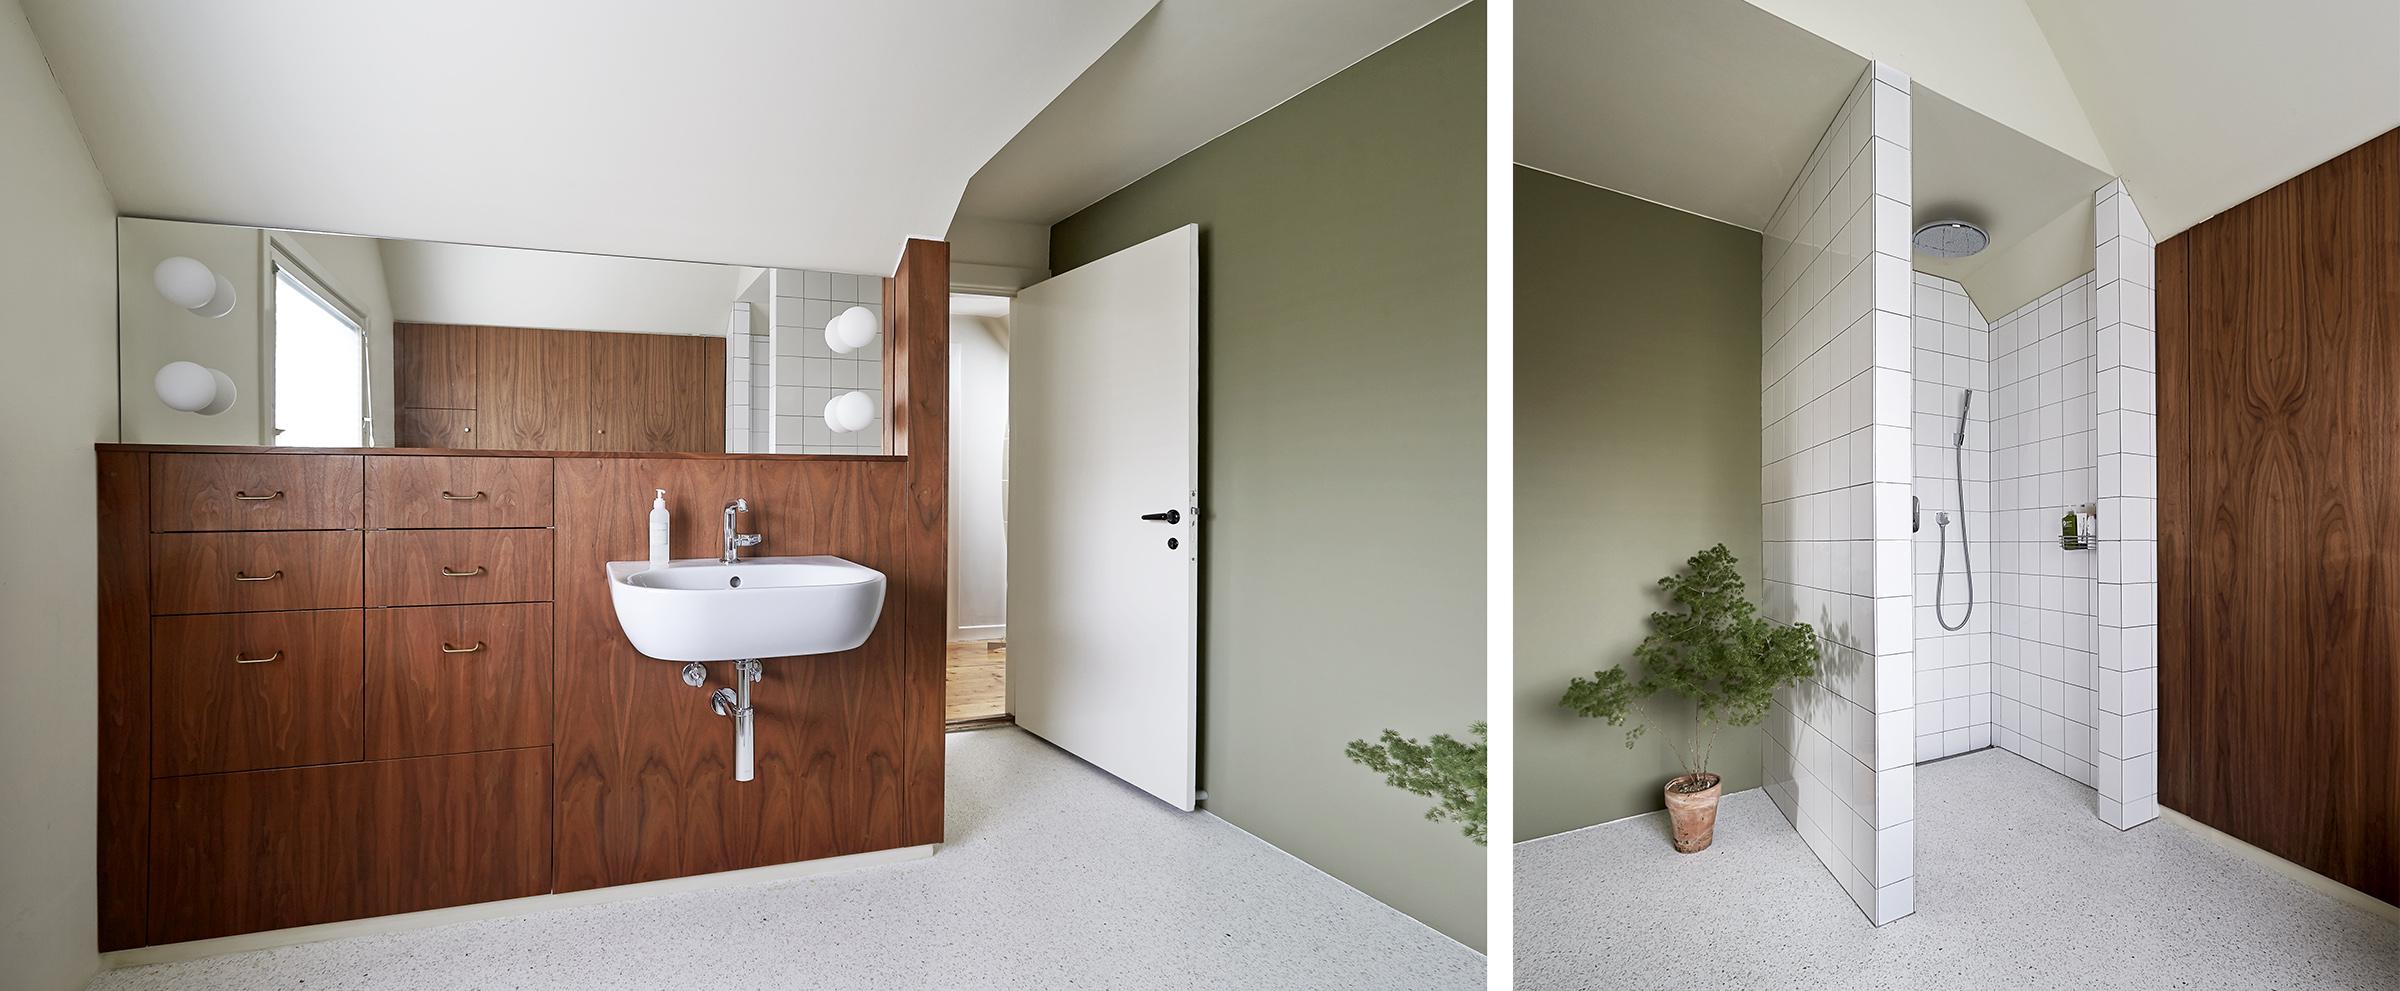 Arkitektens farverige 50'er-villa - Danske Boligarkitekter